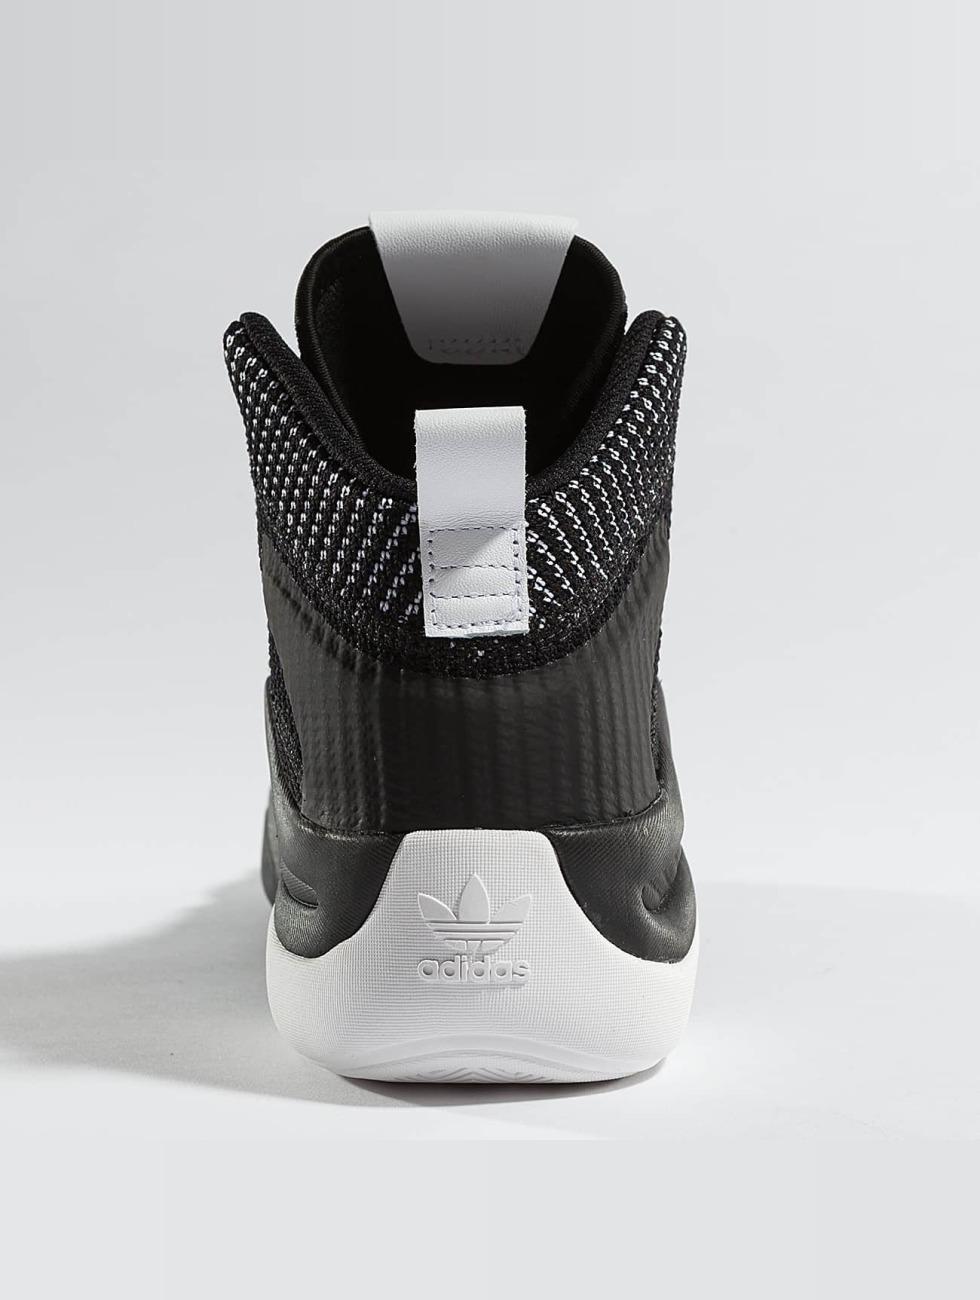 Chaussure Adidas Originals / Chaussure Fou Adv 8 Hp Noir 360 316 Sortie Avec Ordre Paypal En Ligne authentique Mode Pas Cher En Ligne Acheter Votre Favori Acheter Moins Cher Prix Pas Cher YWRmd